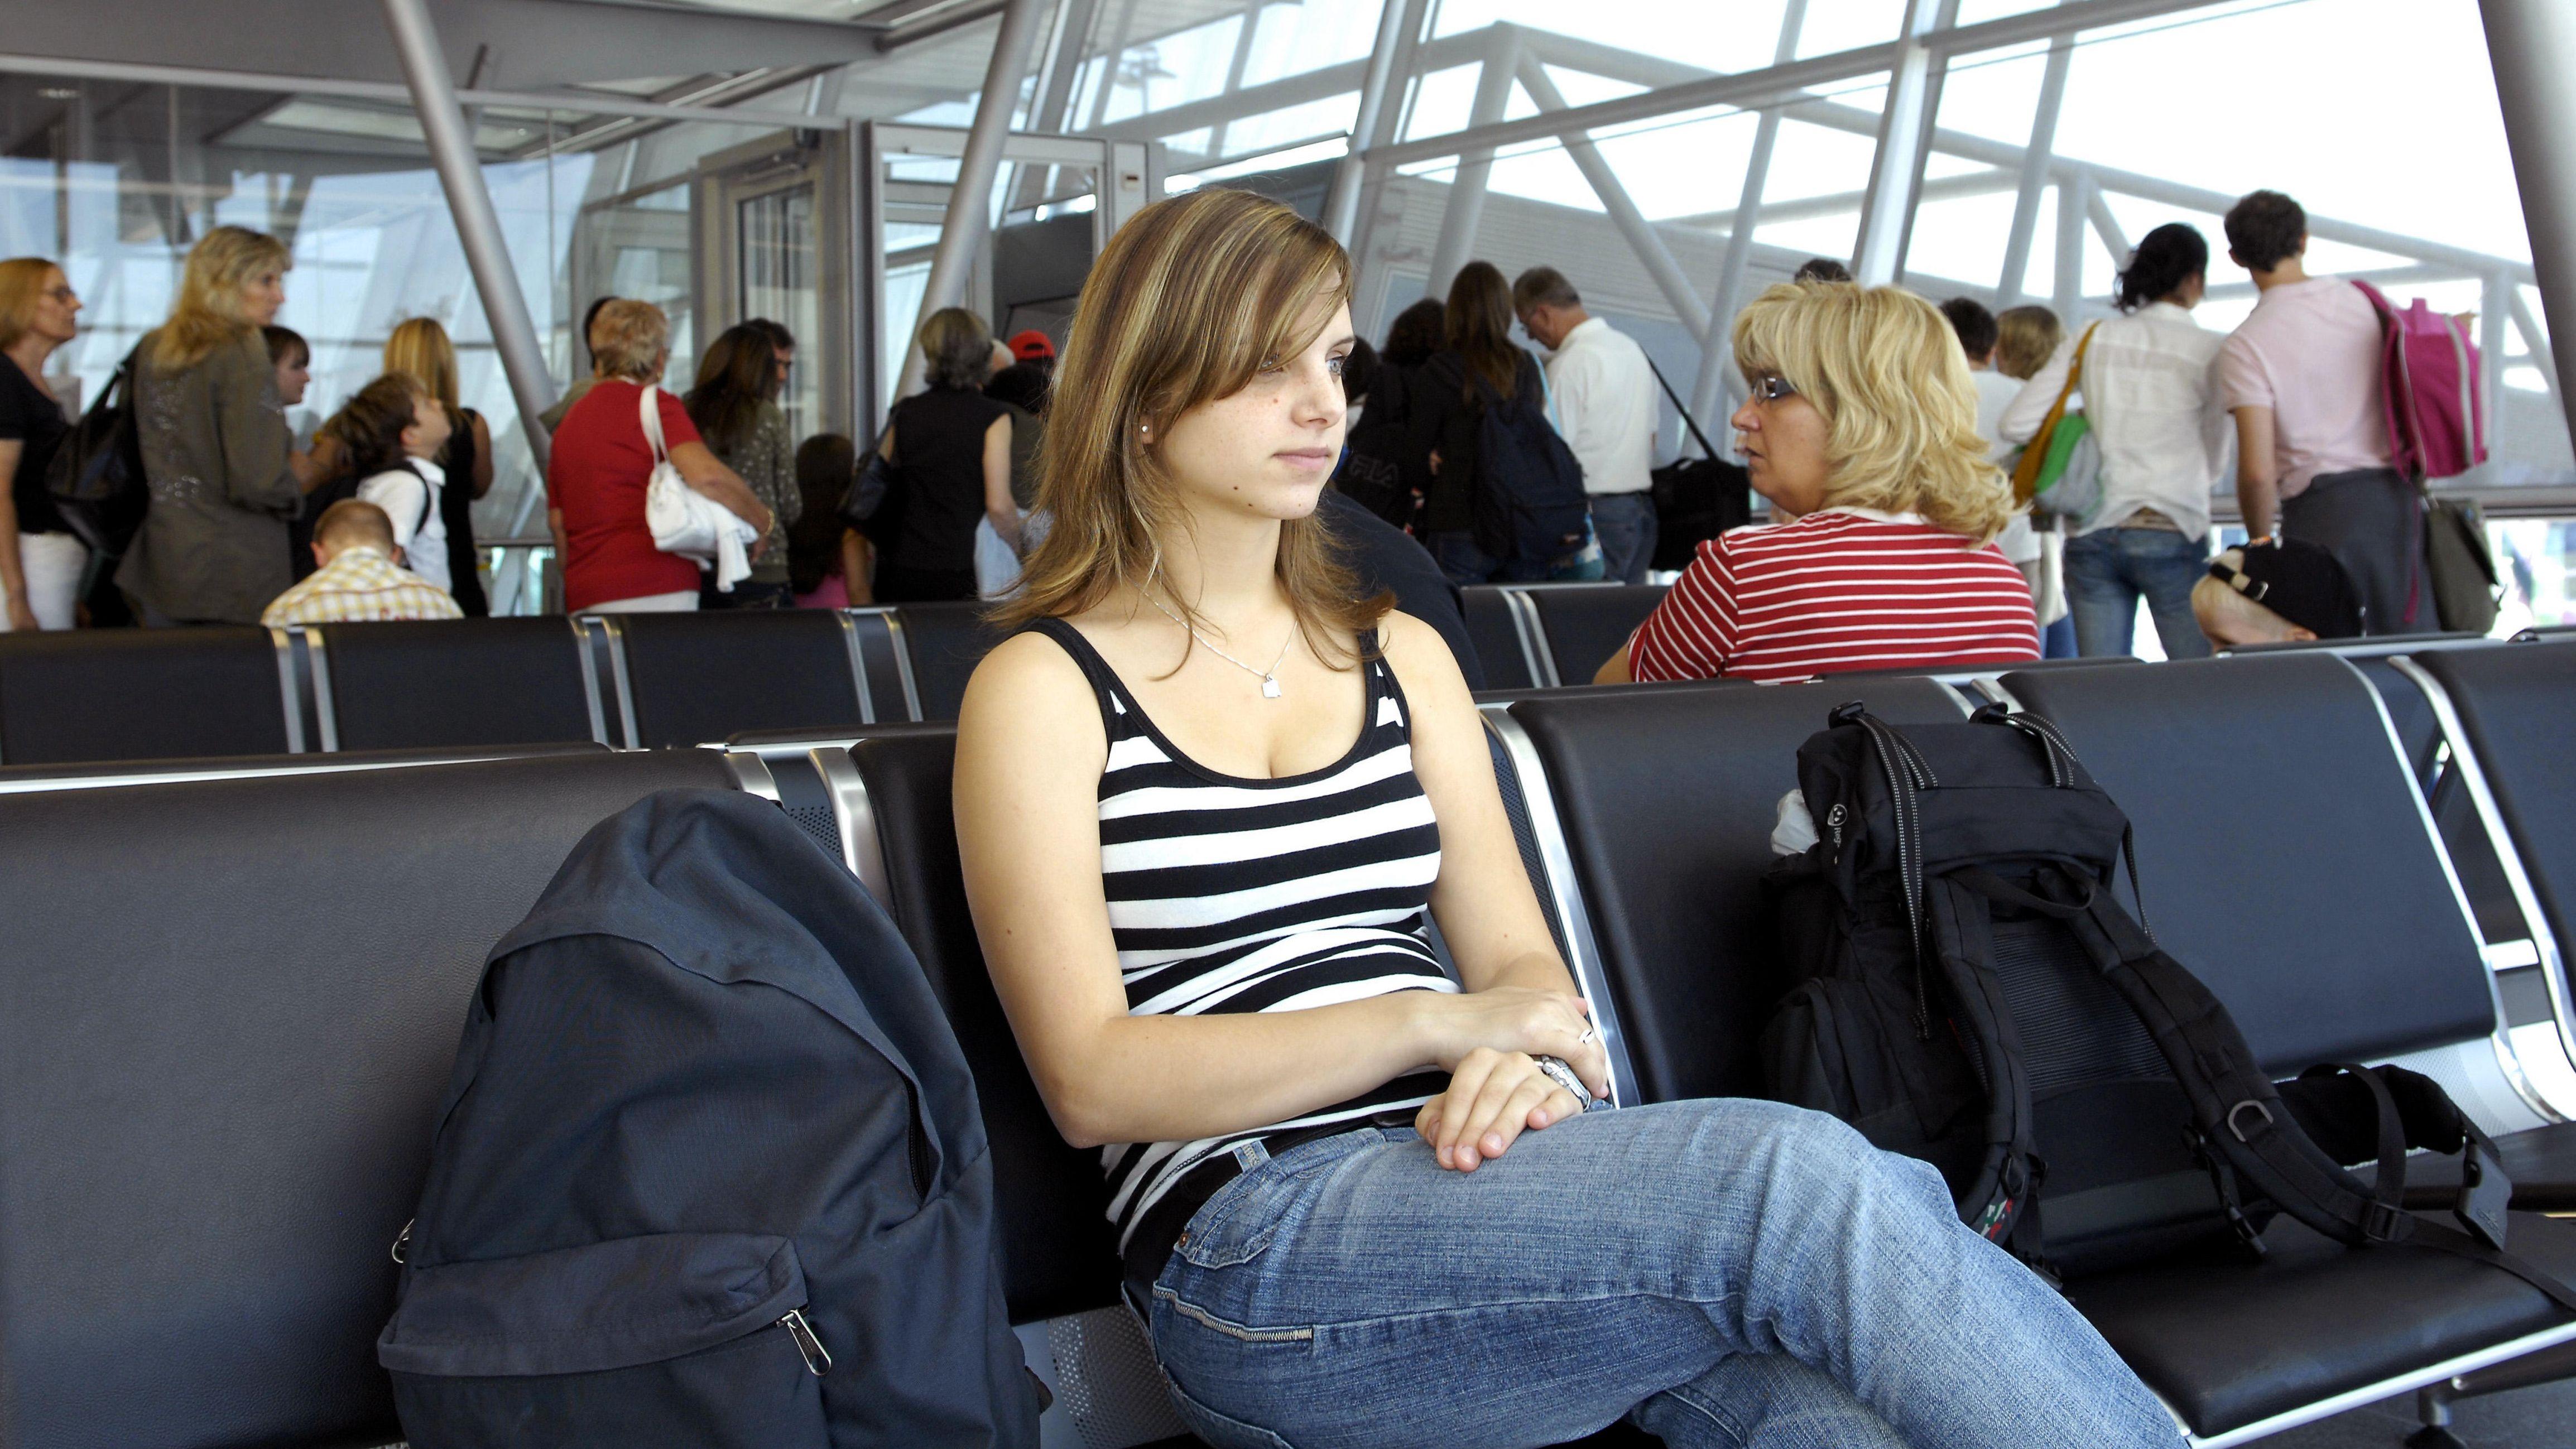 Junge Frau sitzt und wartet am Flughafen.